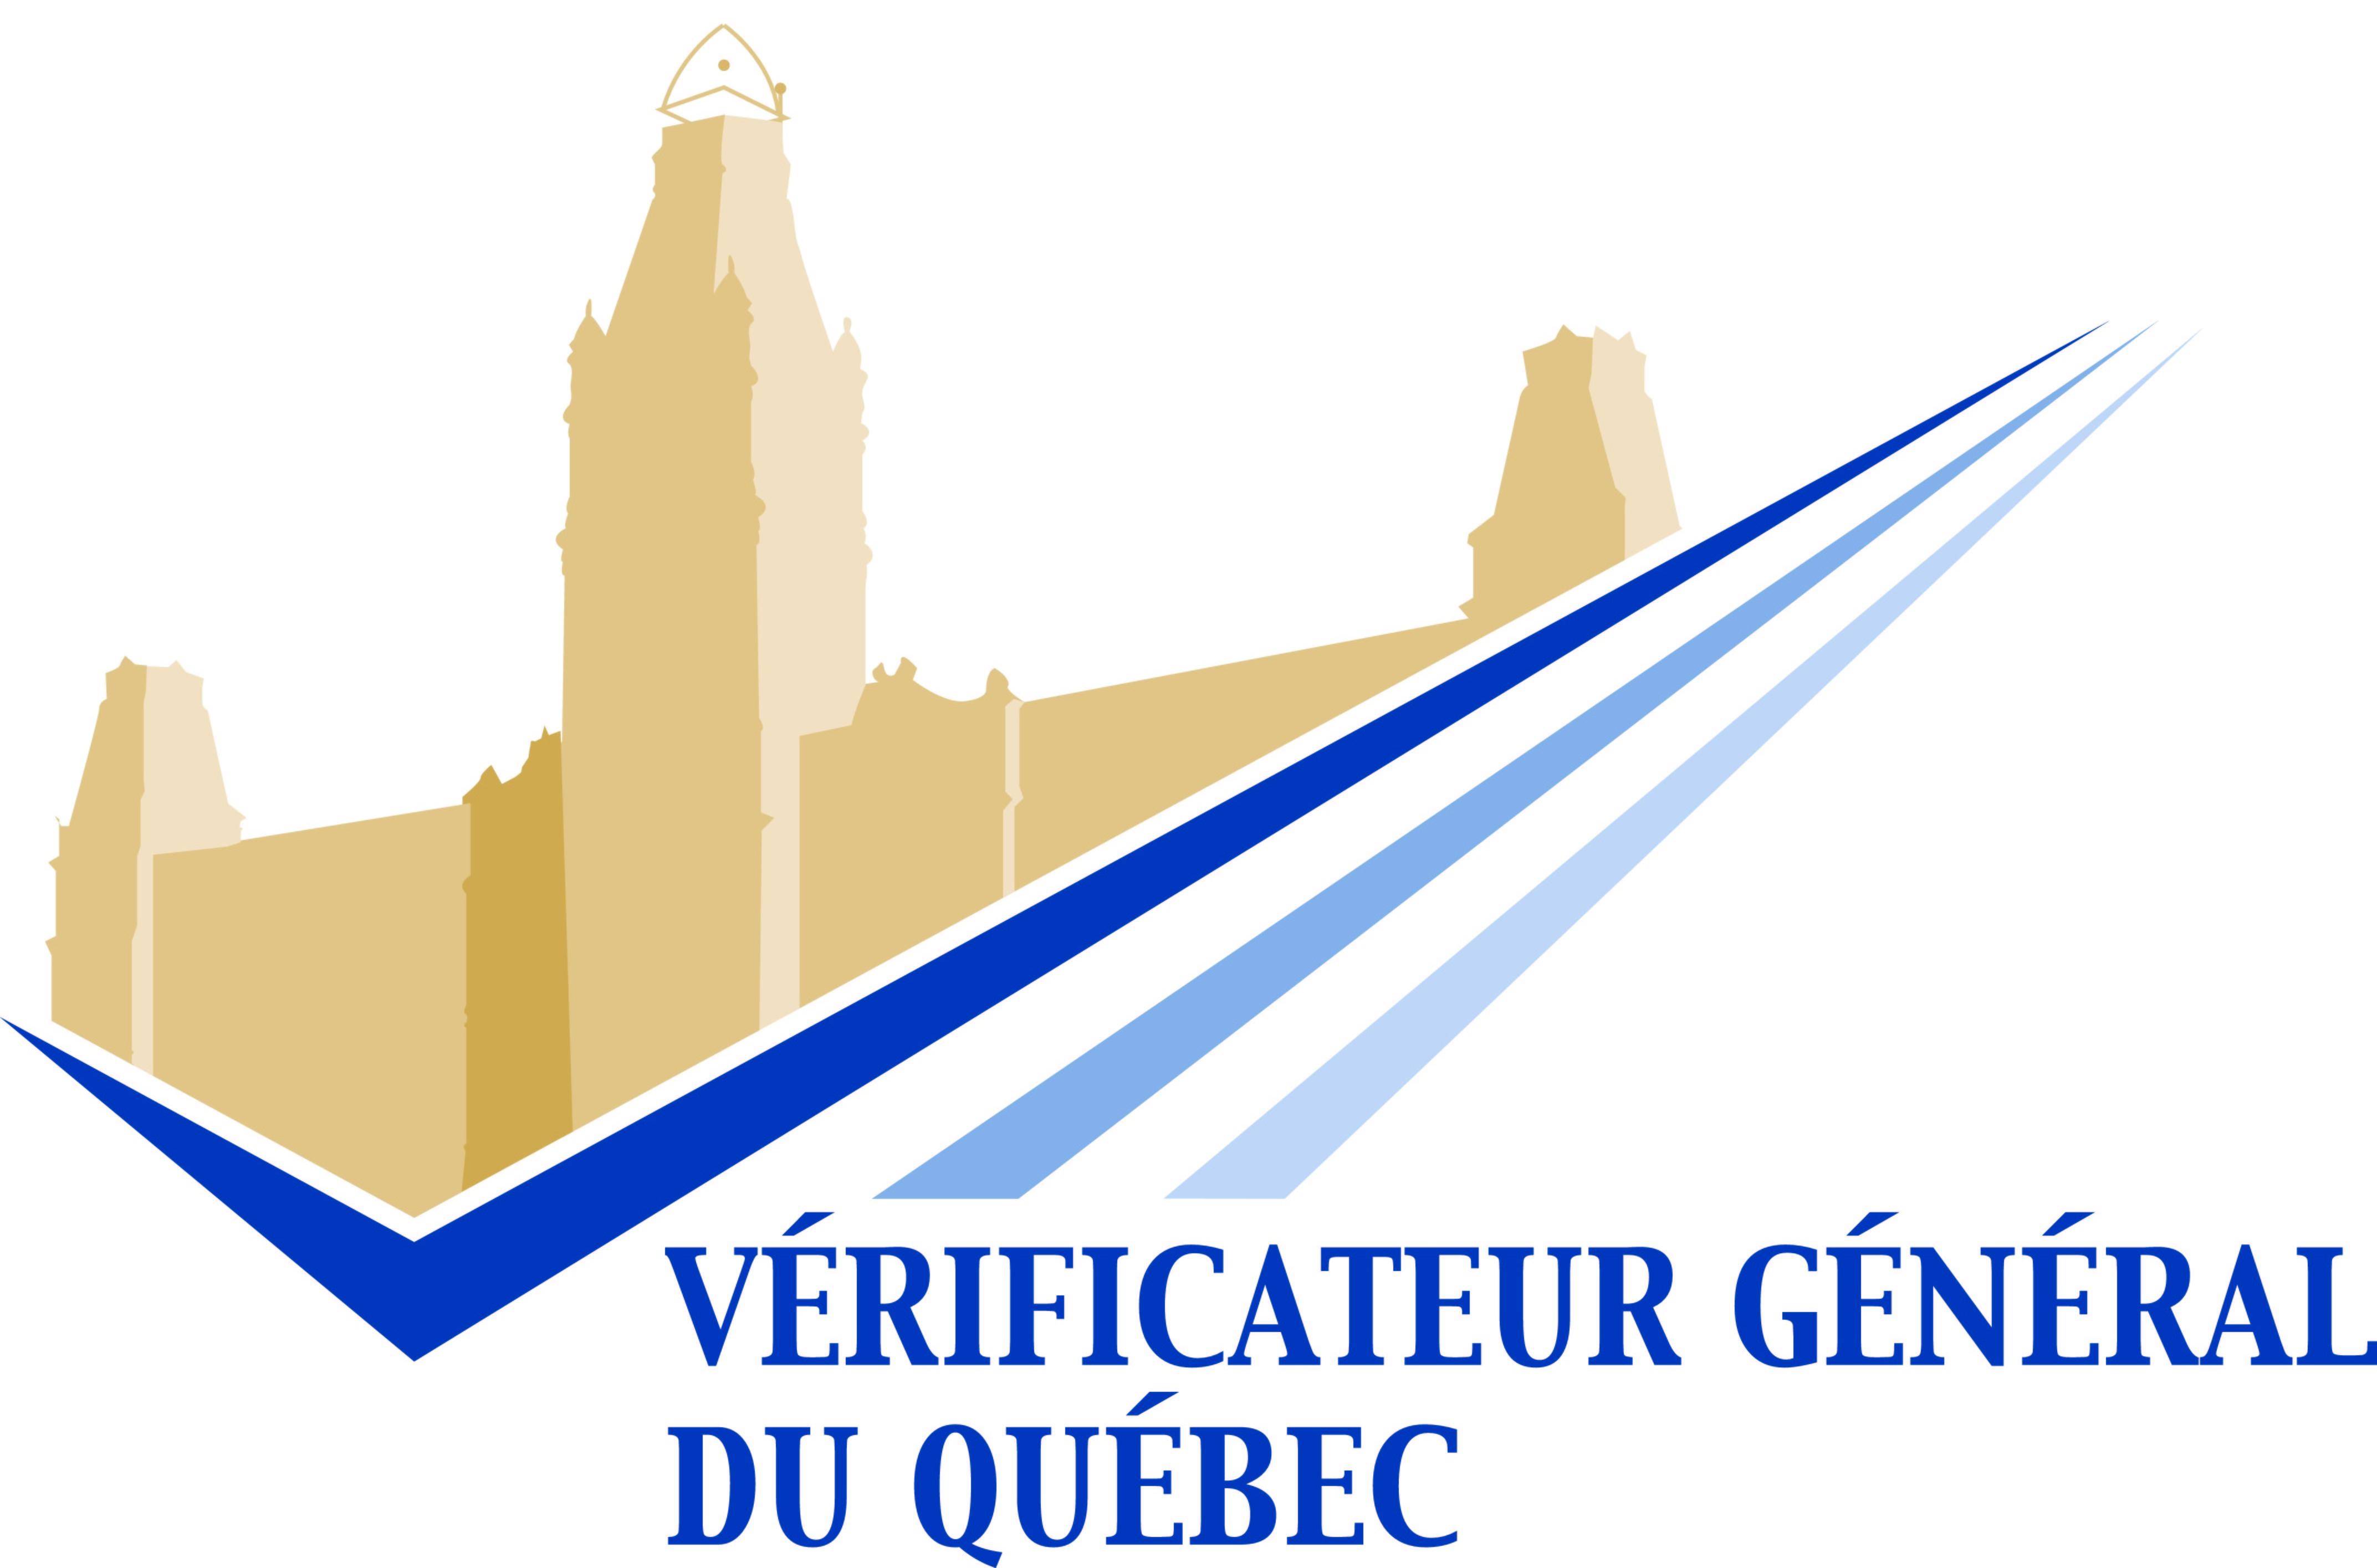 Logo_-_Vyrificateur_gynyral_du_Quybec1.eps